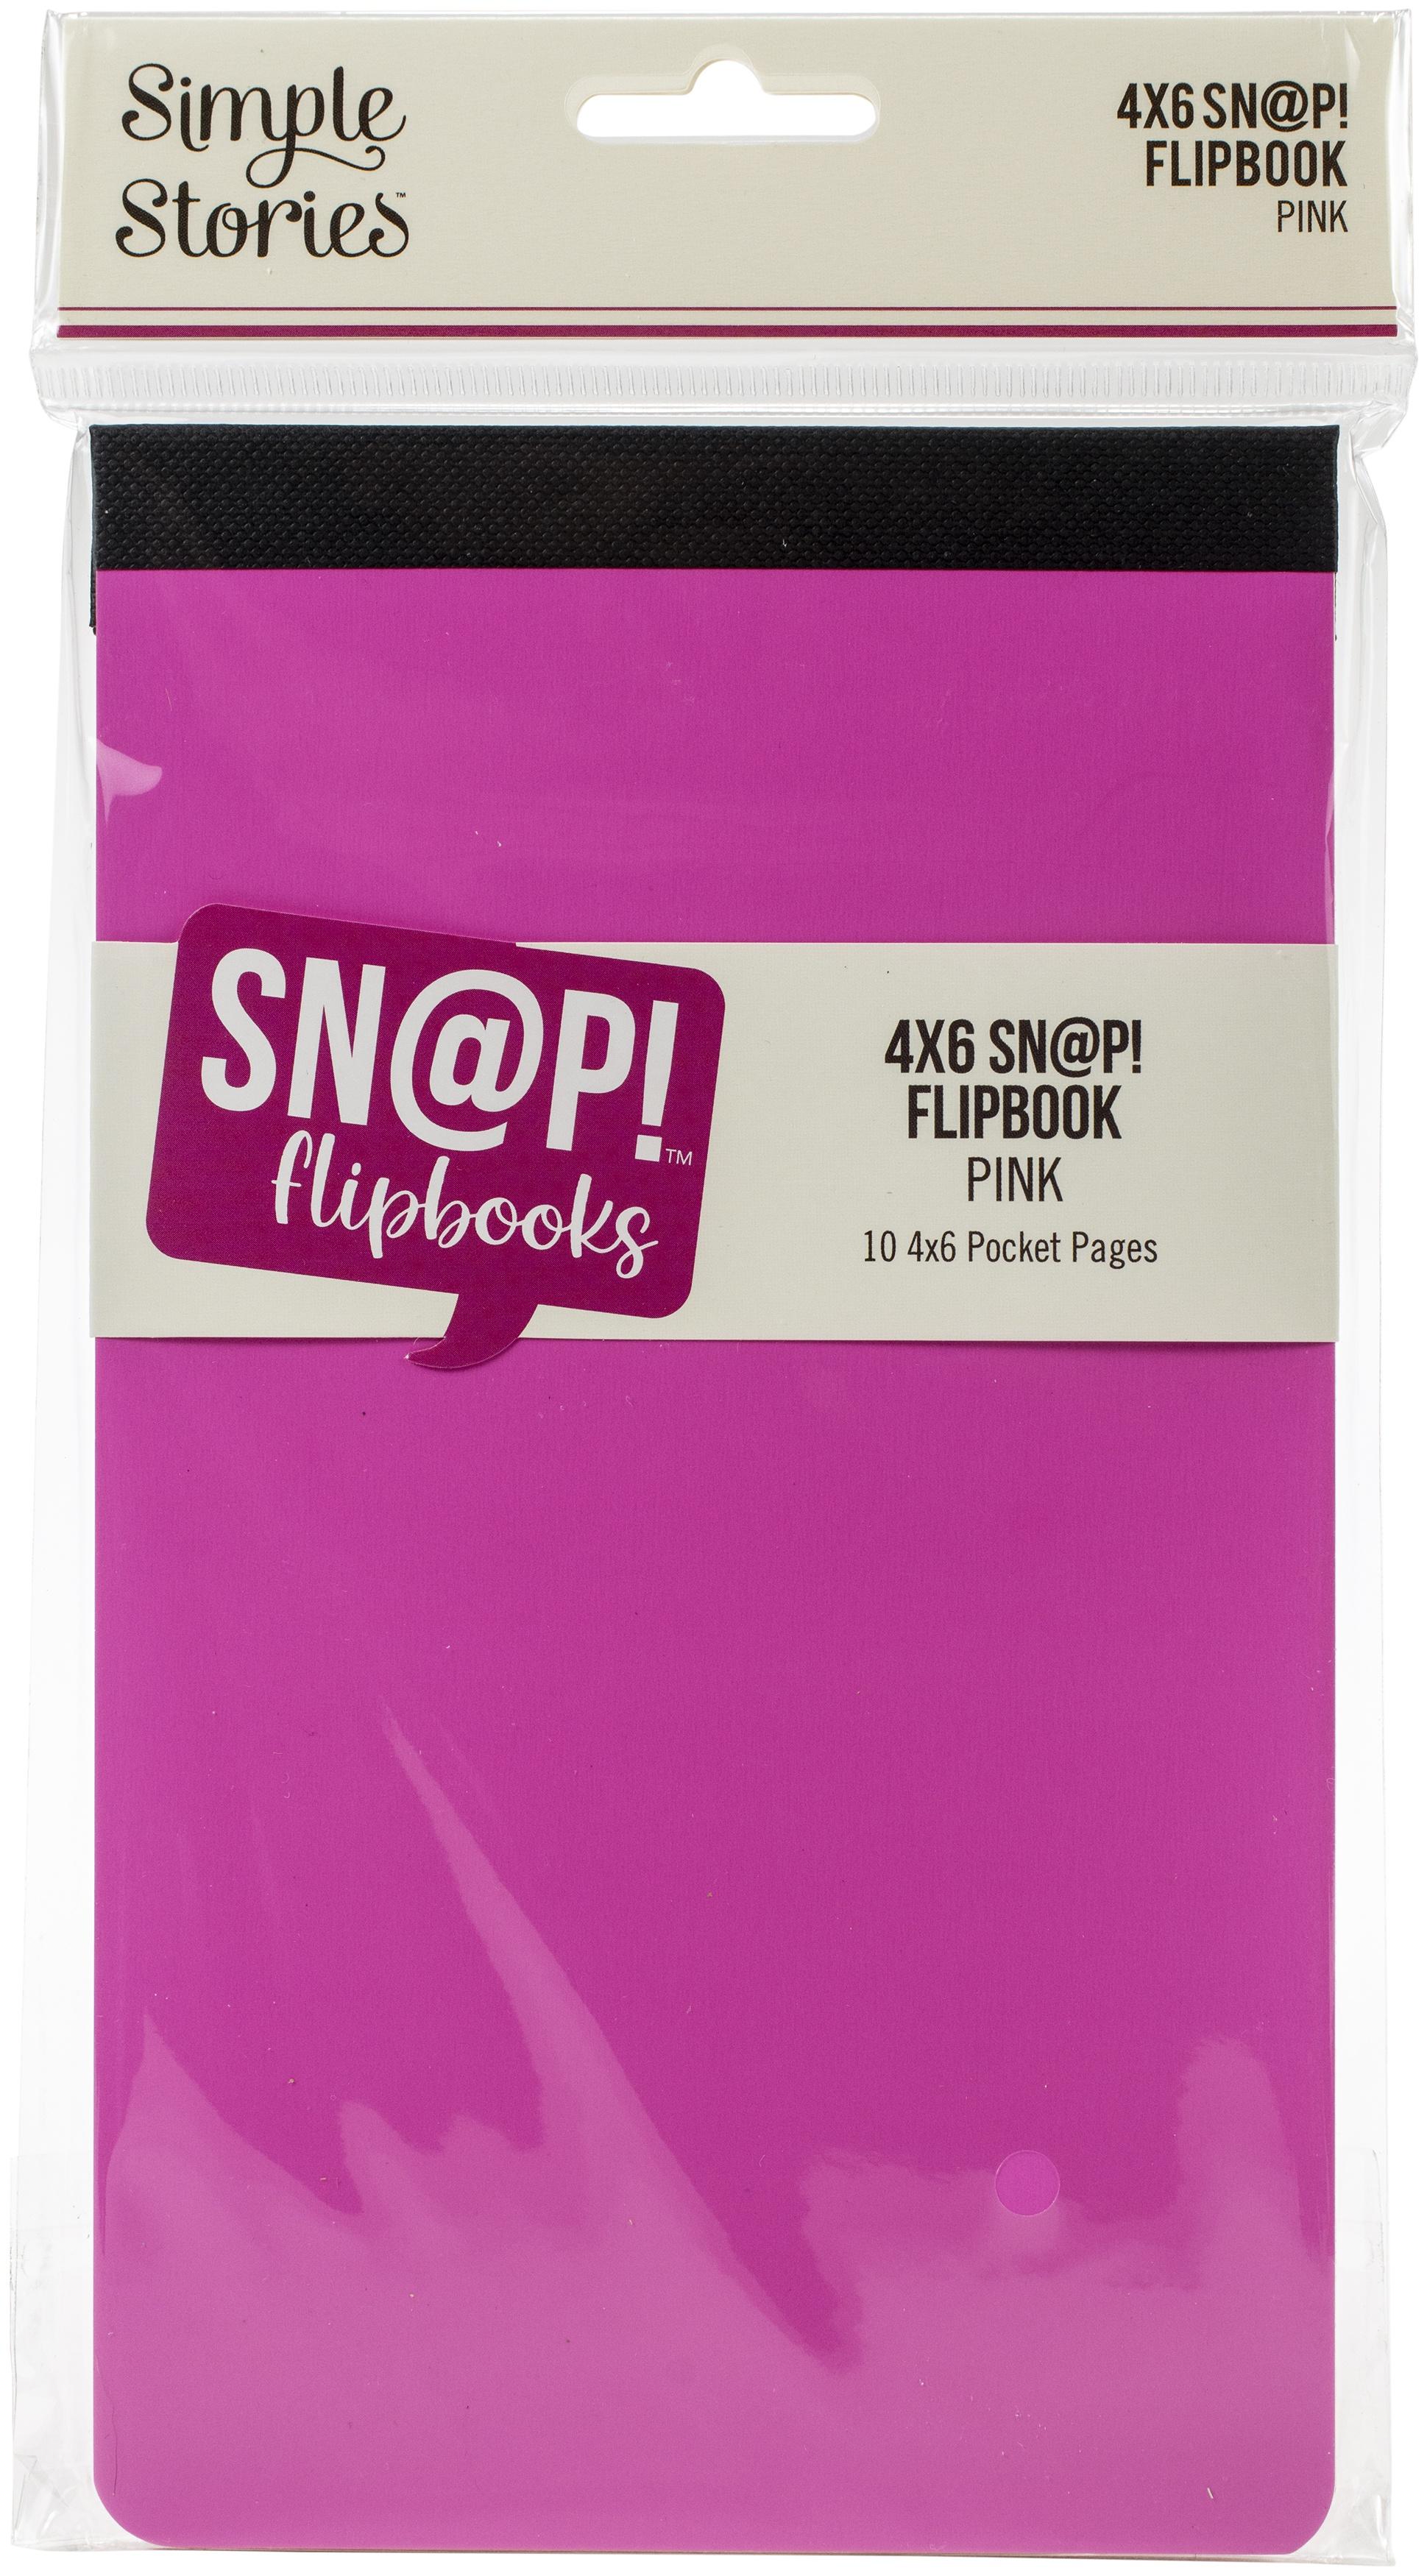 Simple Stories Sn@p! Flipbook 4X6-Pink